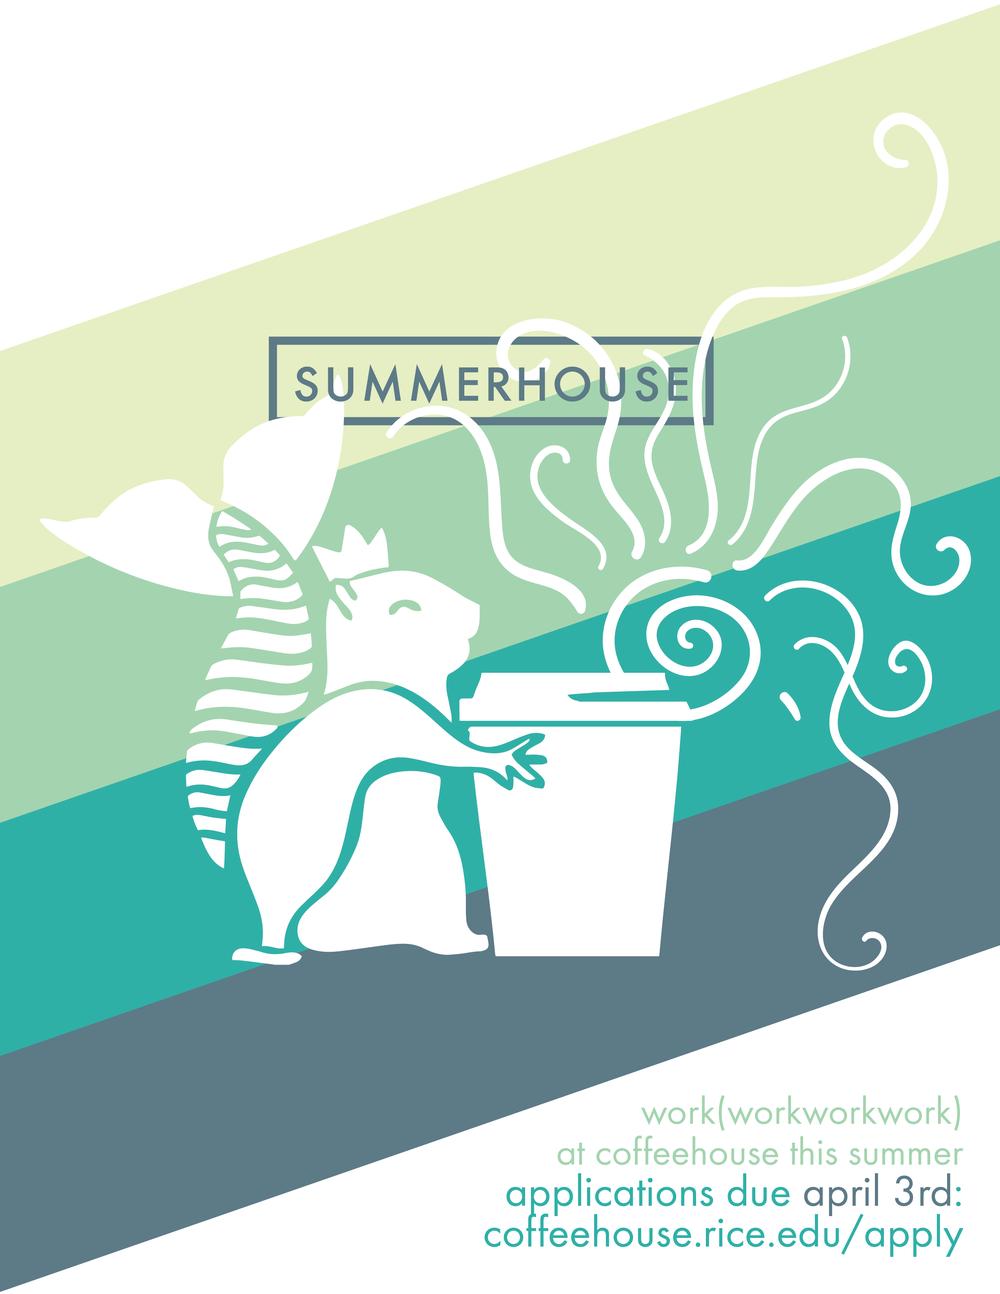 SummerHiring-01.png